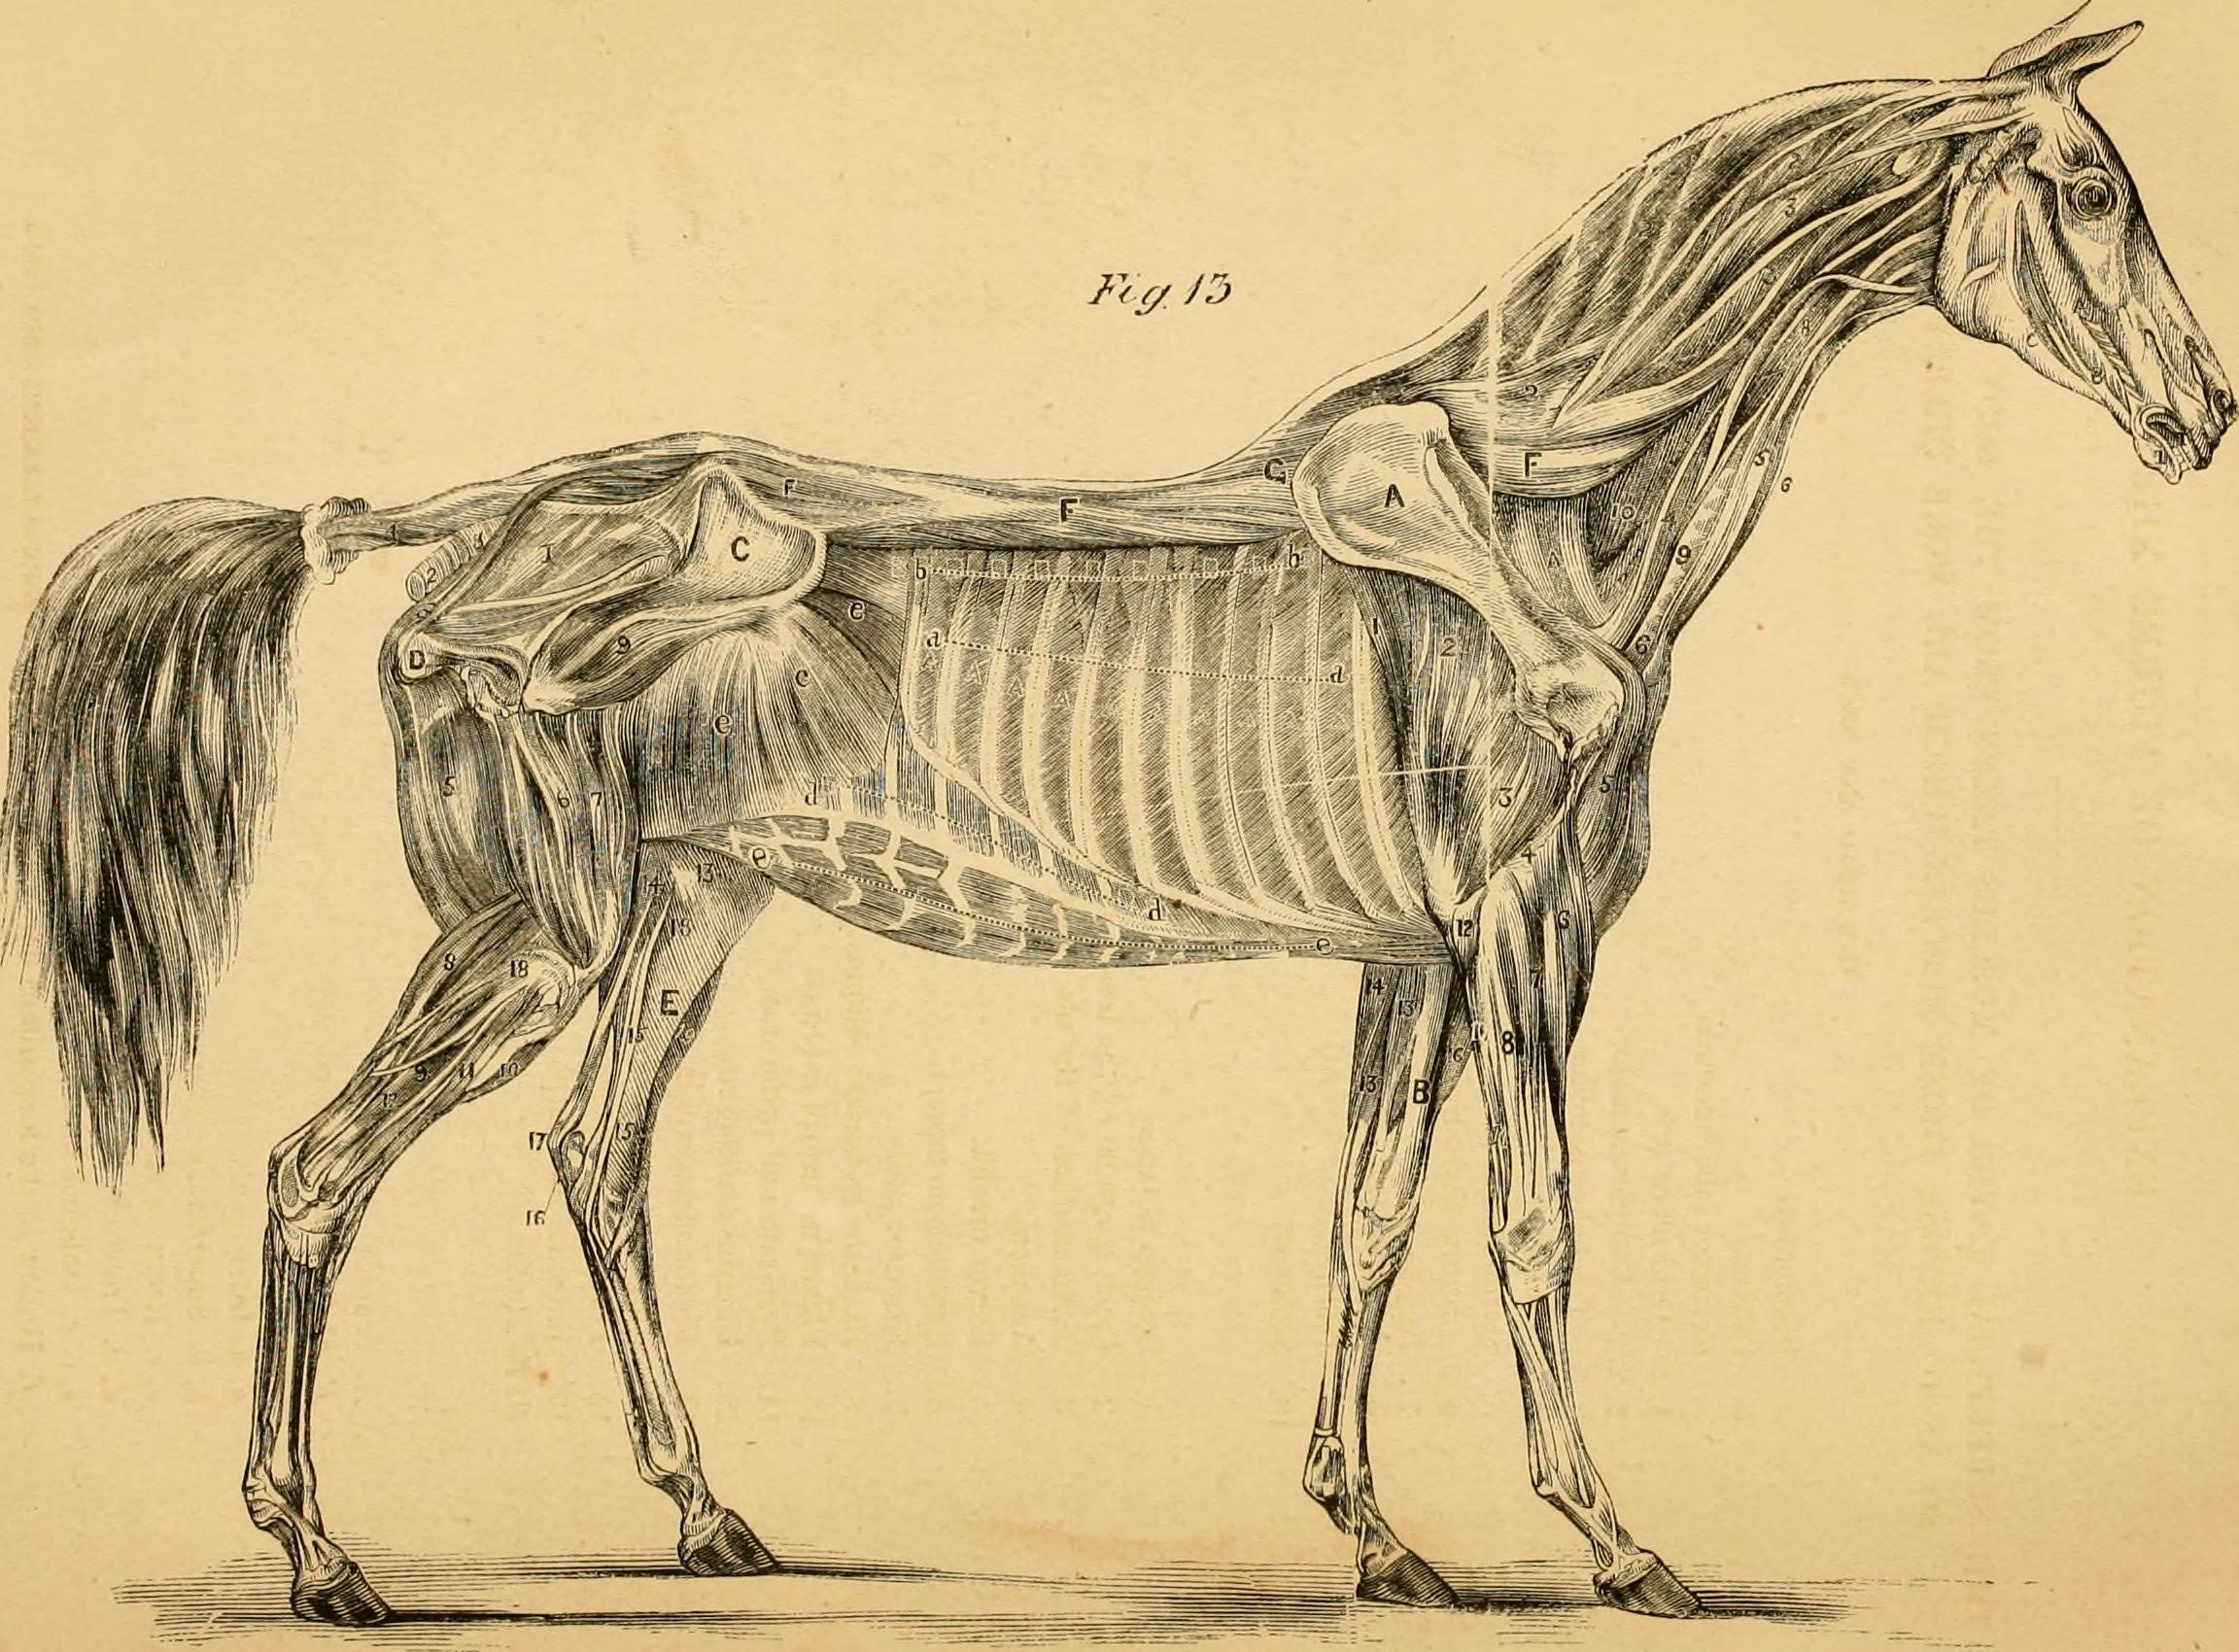 Groß Vertebrate Anatomy And Physiology Fotos - Physiologie Von ...